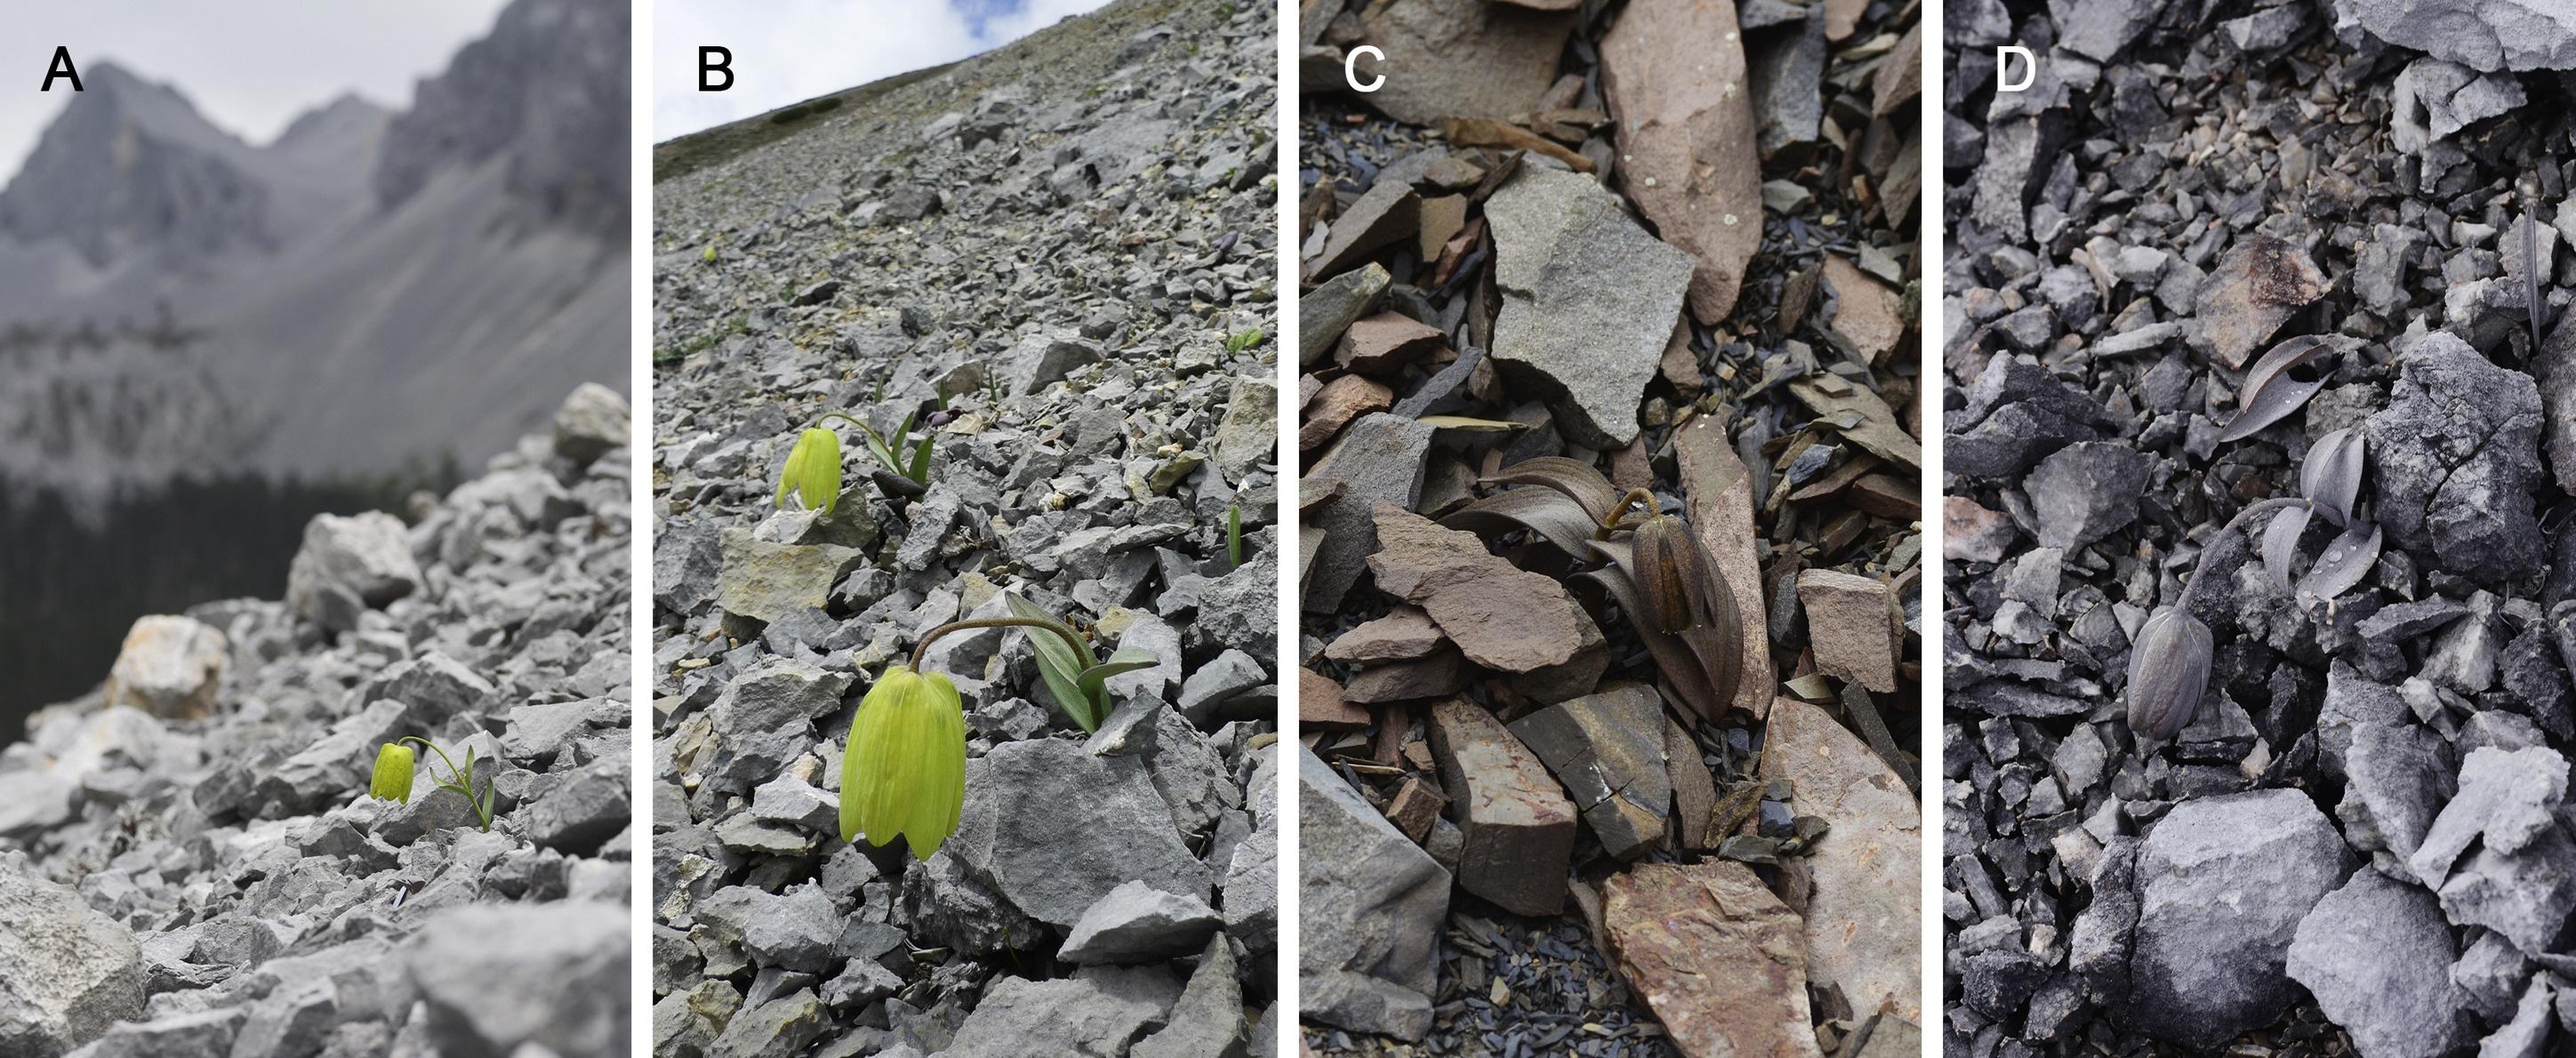 Piante di Fritillaria delavayi che si sono evolute per mimetizzarsi